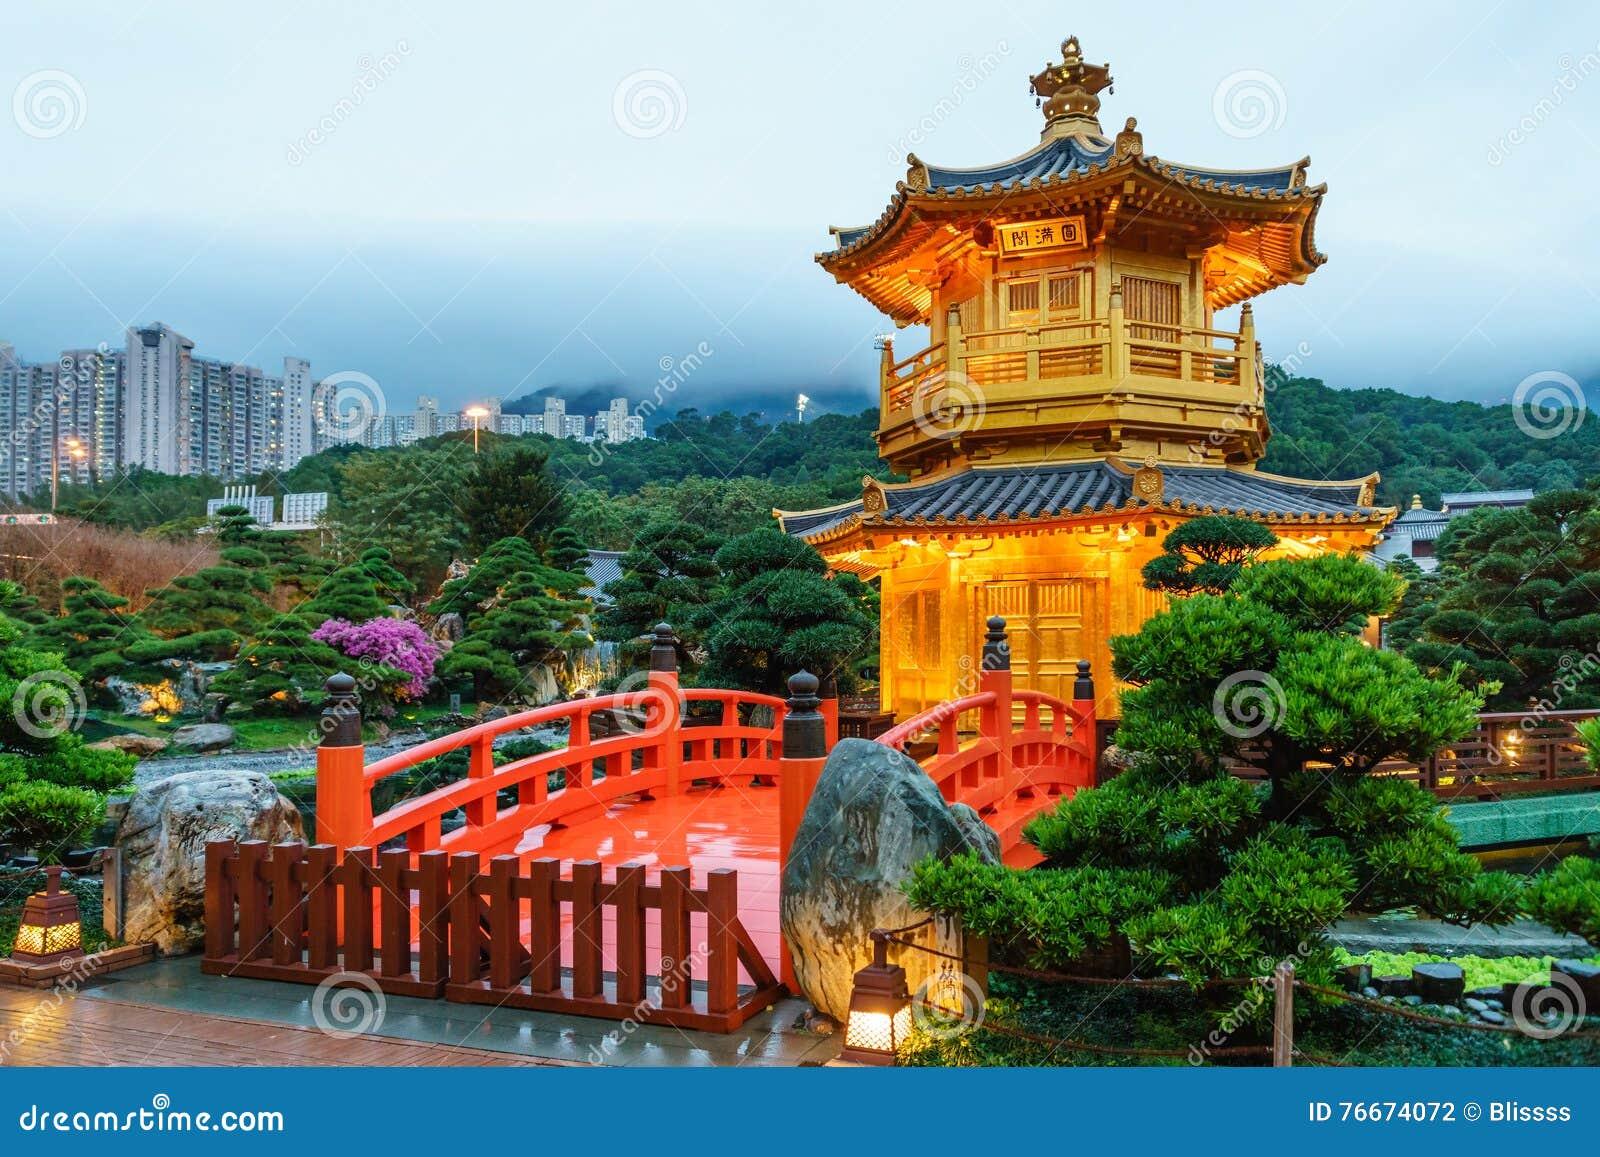 download nan lian garden at diamond hill in hong kong stock photo image of architecture - Nan Lian Garden